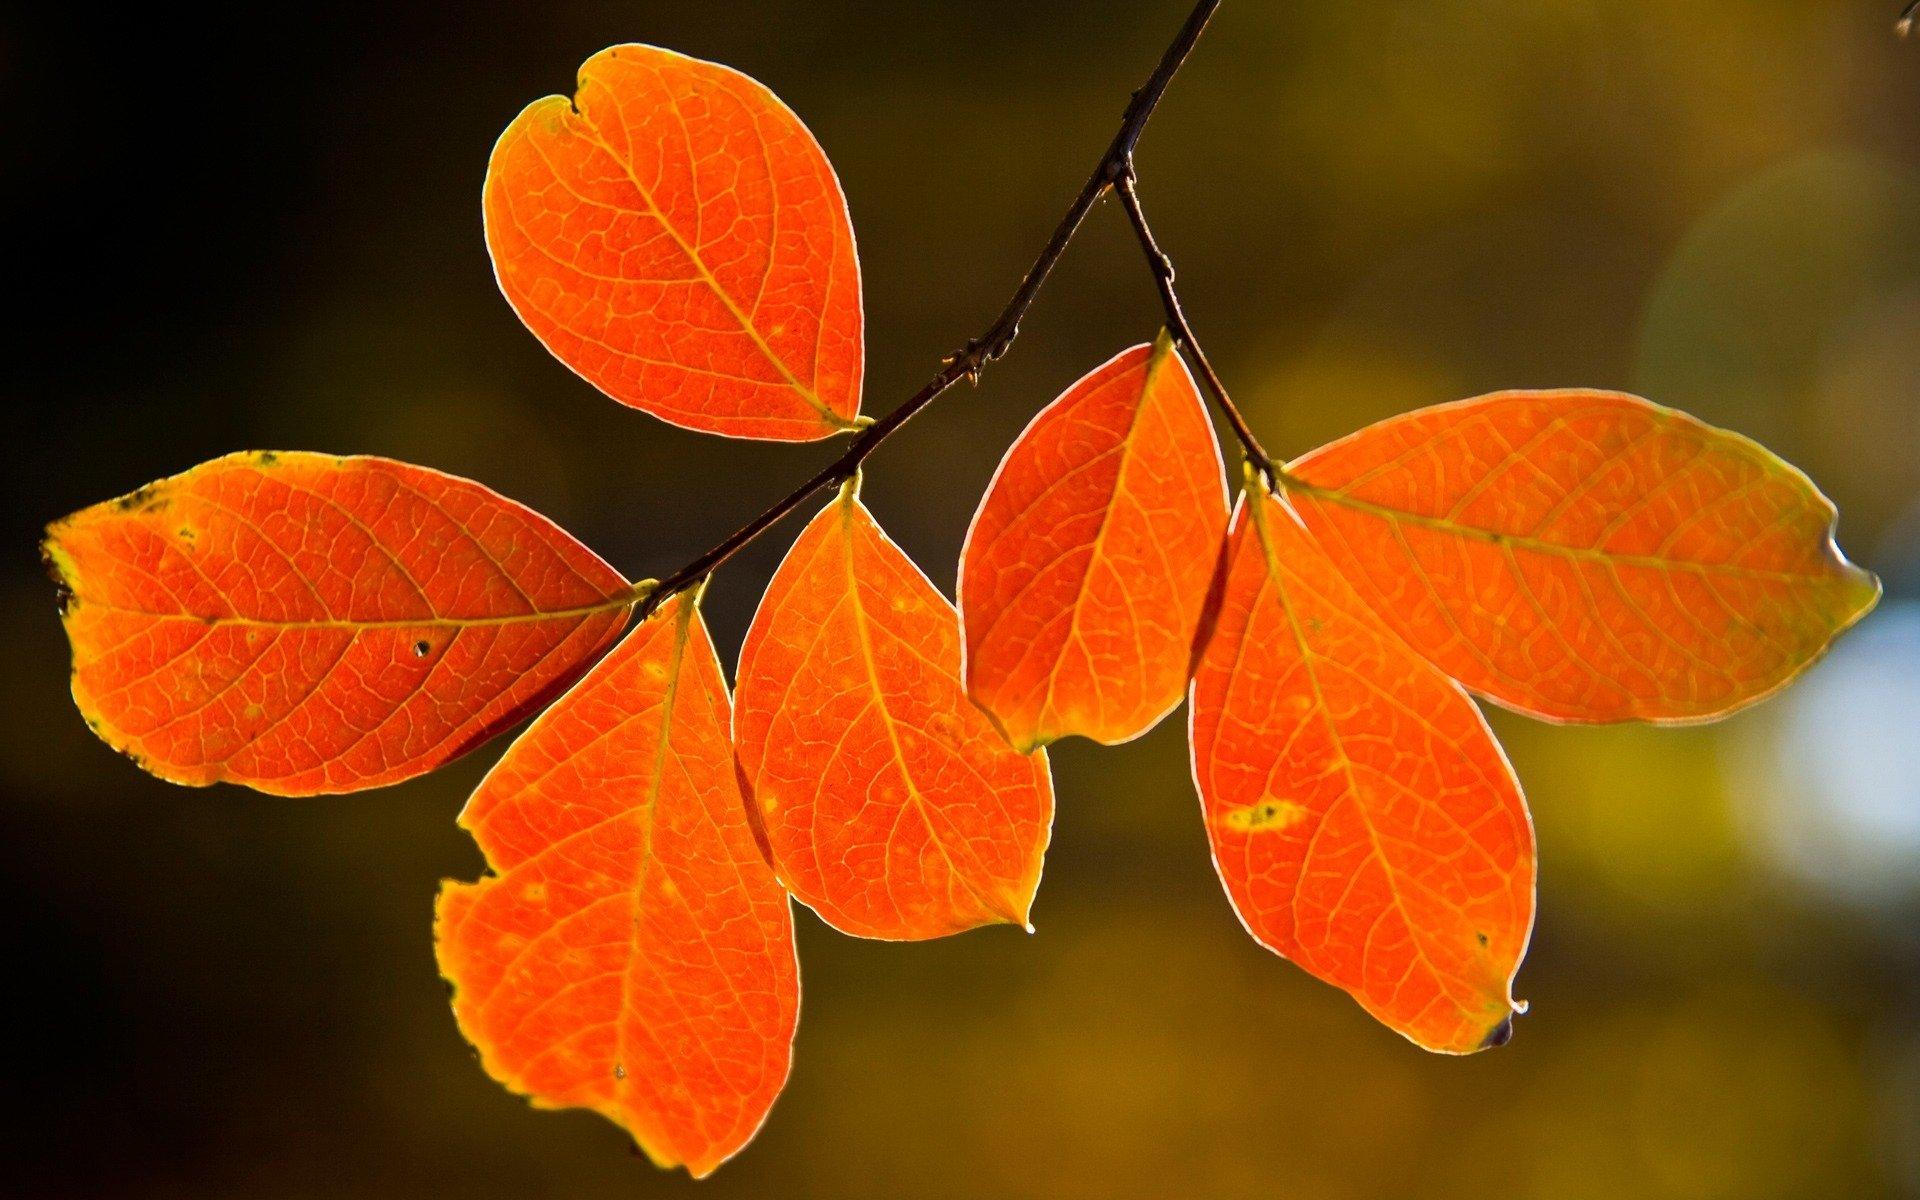 одна красивые картинки разных листьев таким выражениям